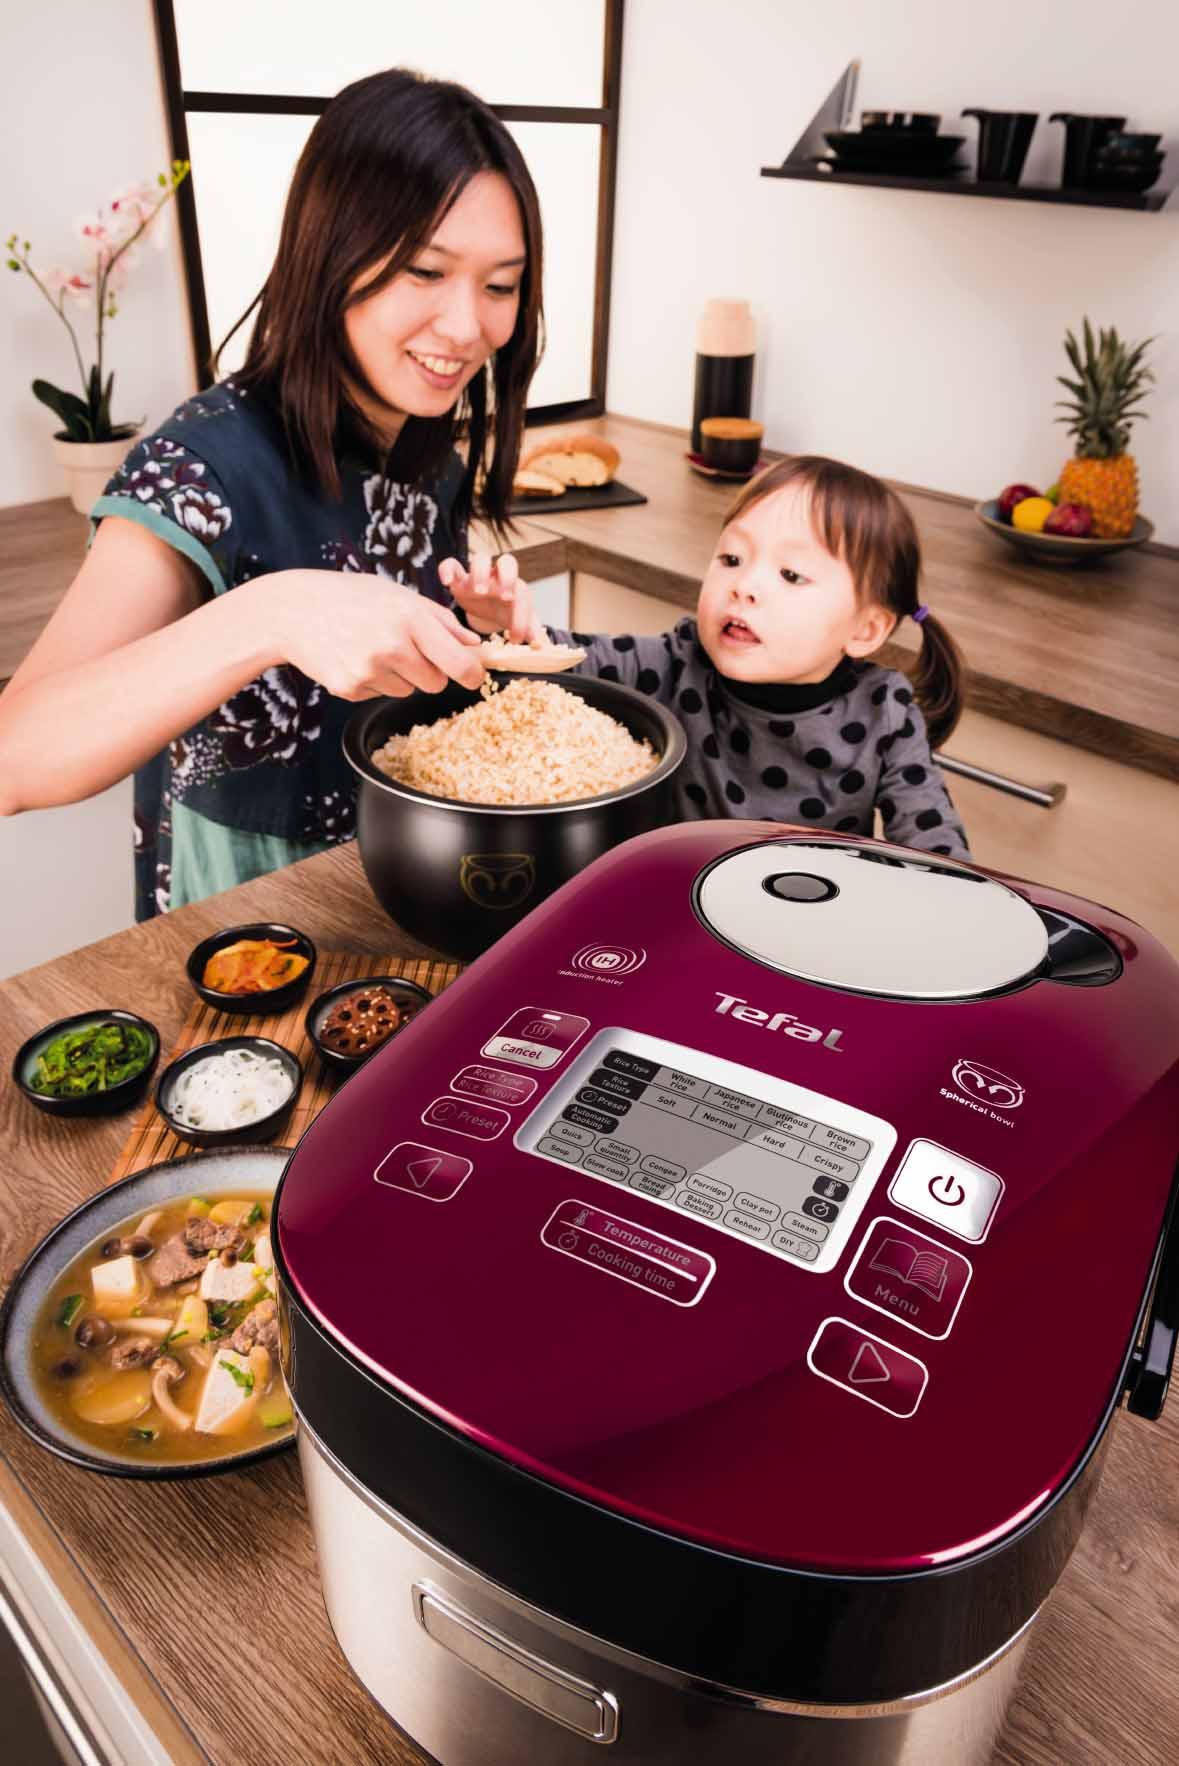 特福 IH 磁應球釜電飯煲 入門價嘆高質素米飯